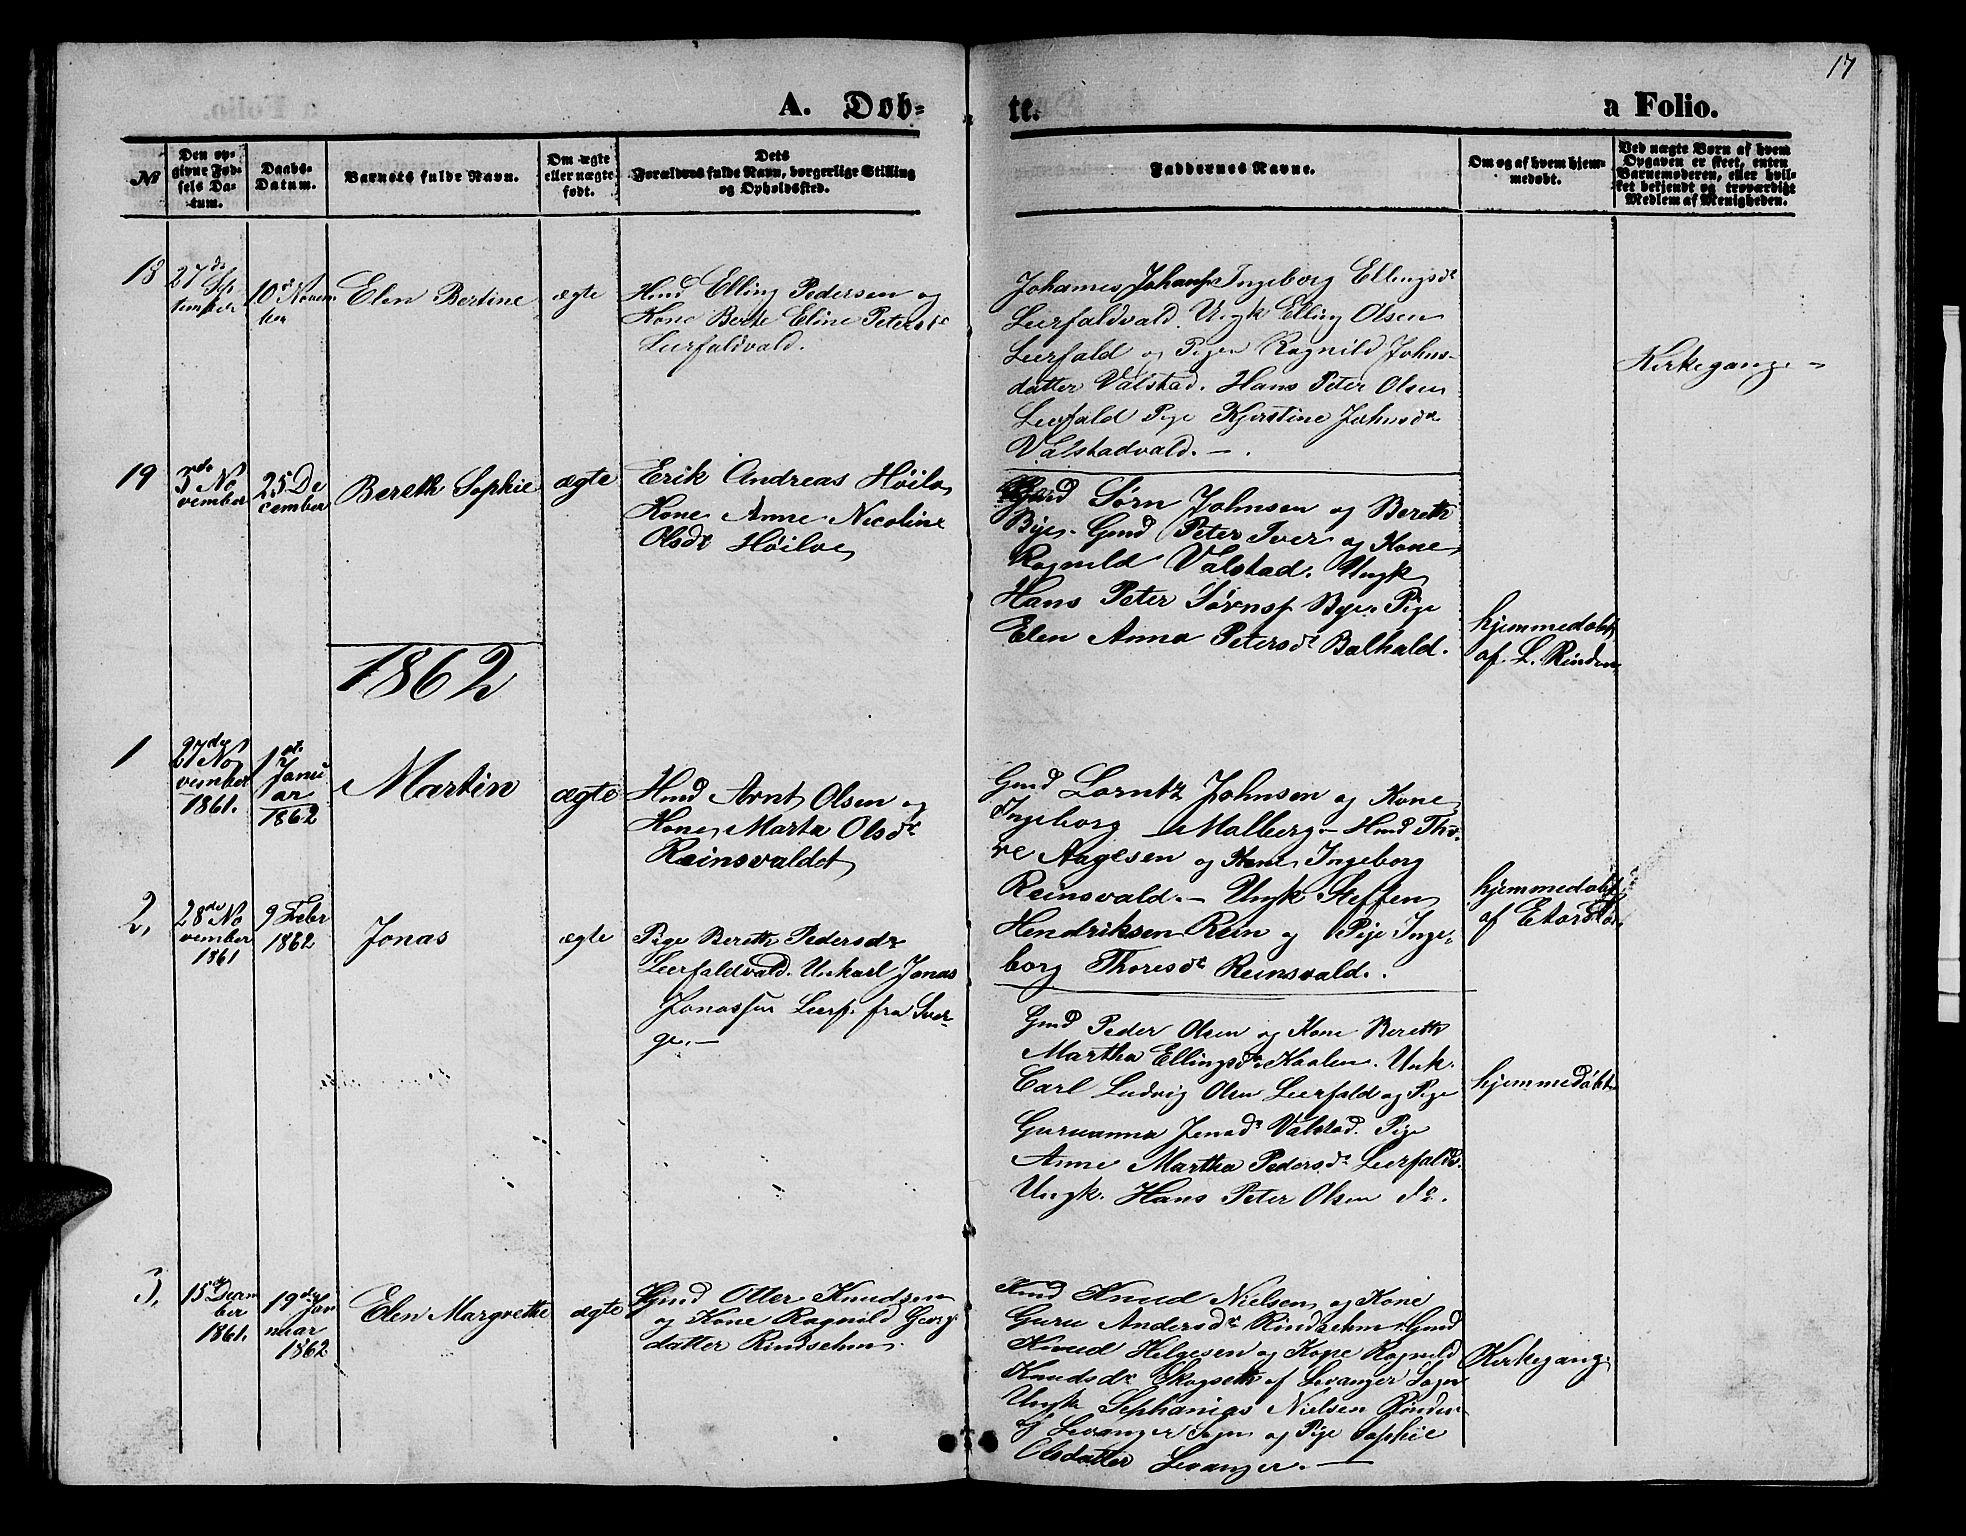 SAT, Ministerialprotokoller, klokkerbøker og fødselsregistre - Nord-Trøndelag, 726/L0270: Klokkerbok nr. 726C01, 1858-1868, s. 17